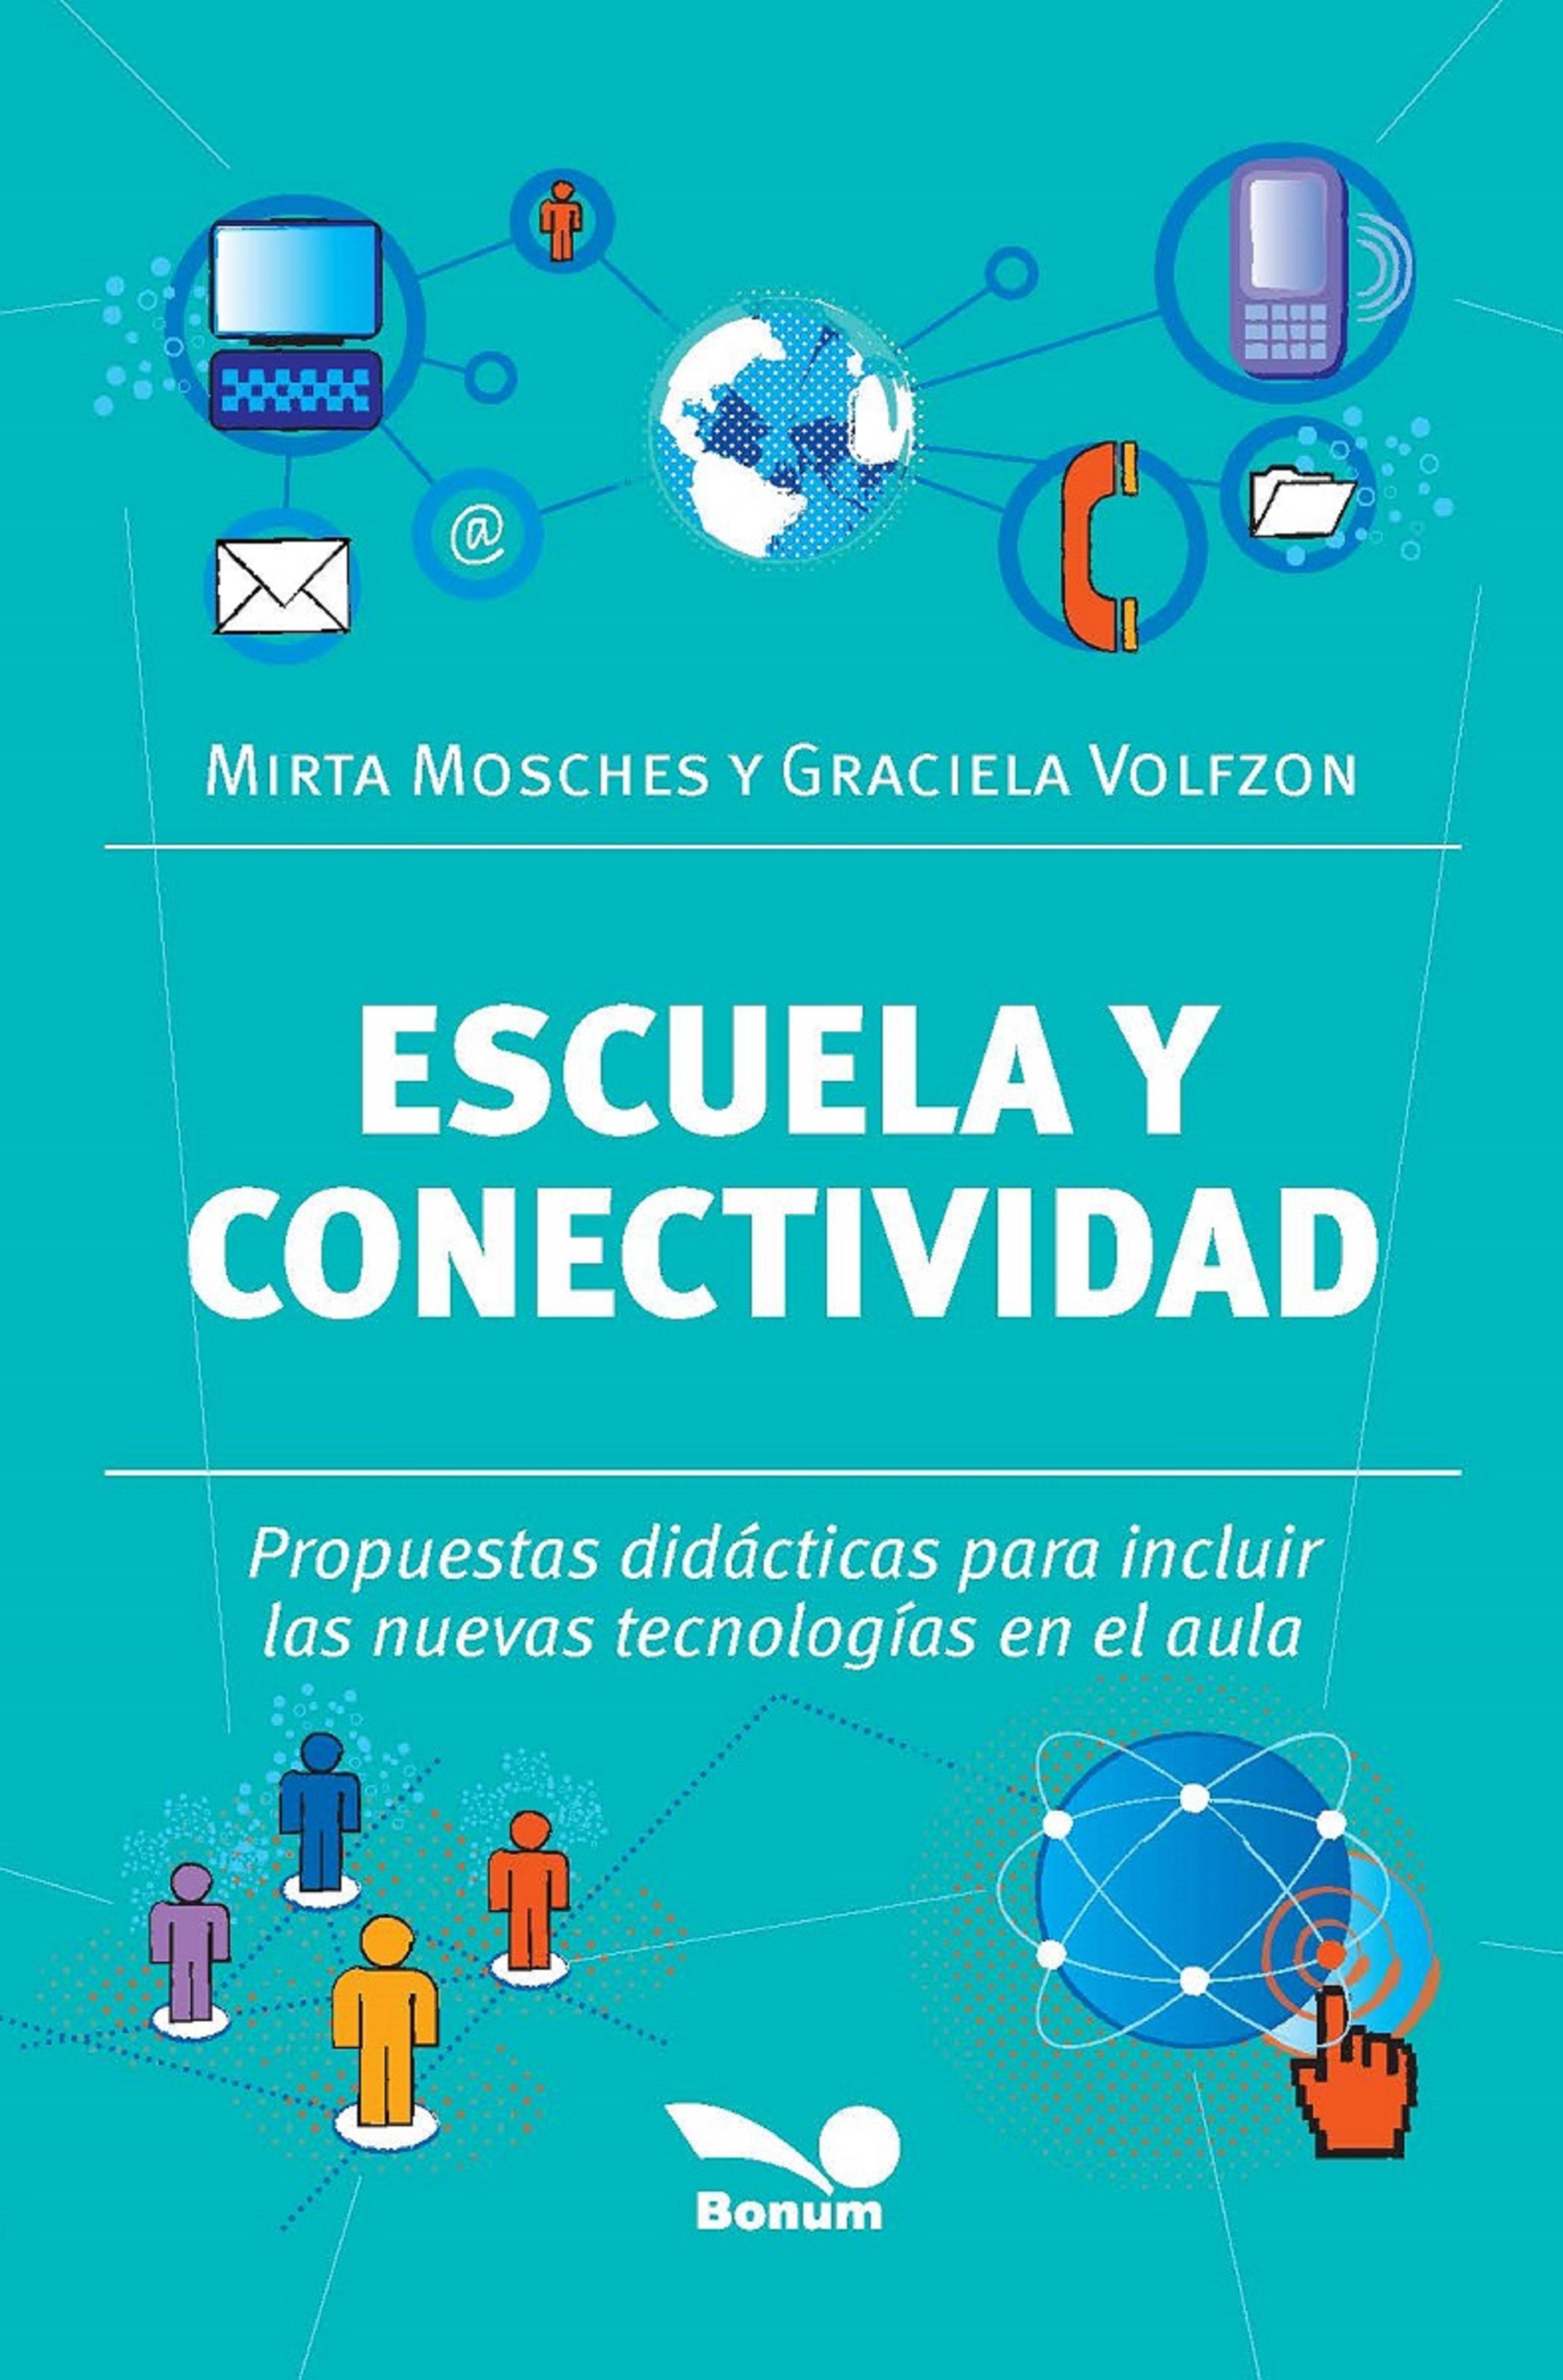 Escuela y conectividad (Nuevo)